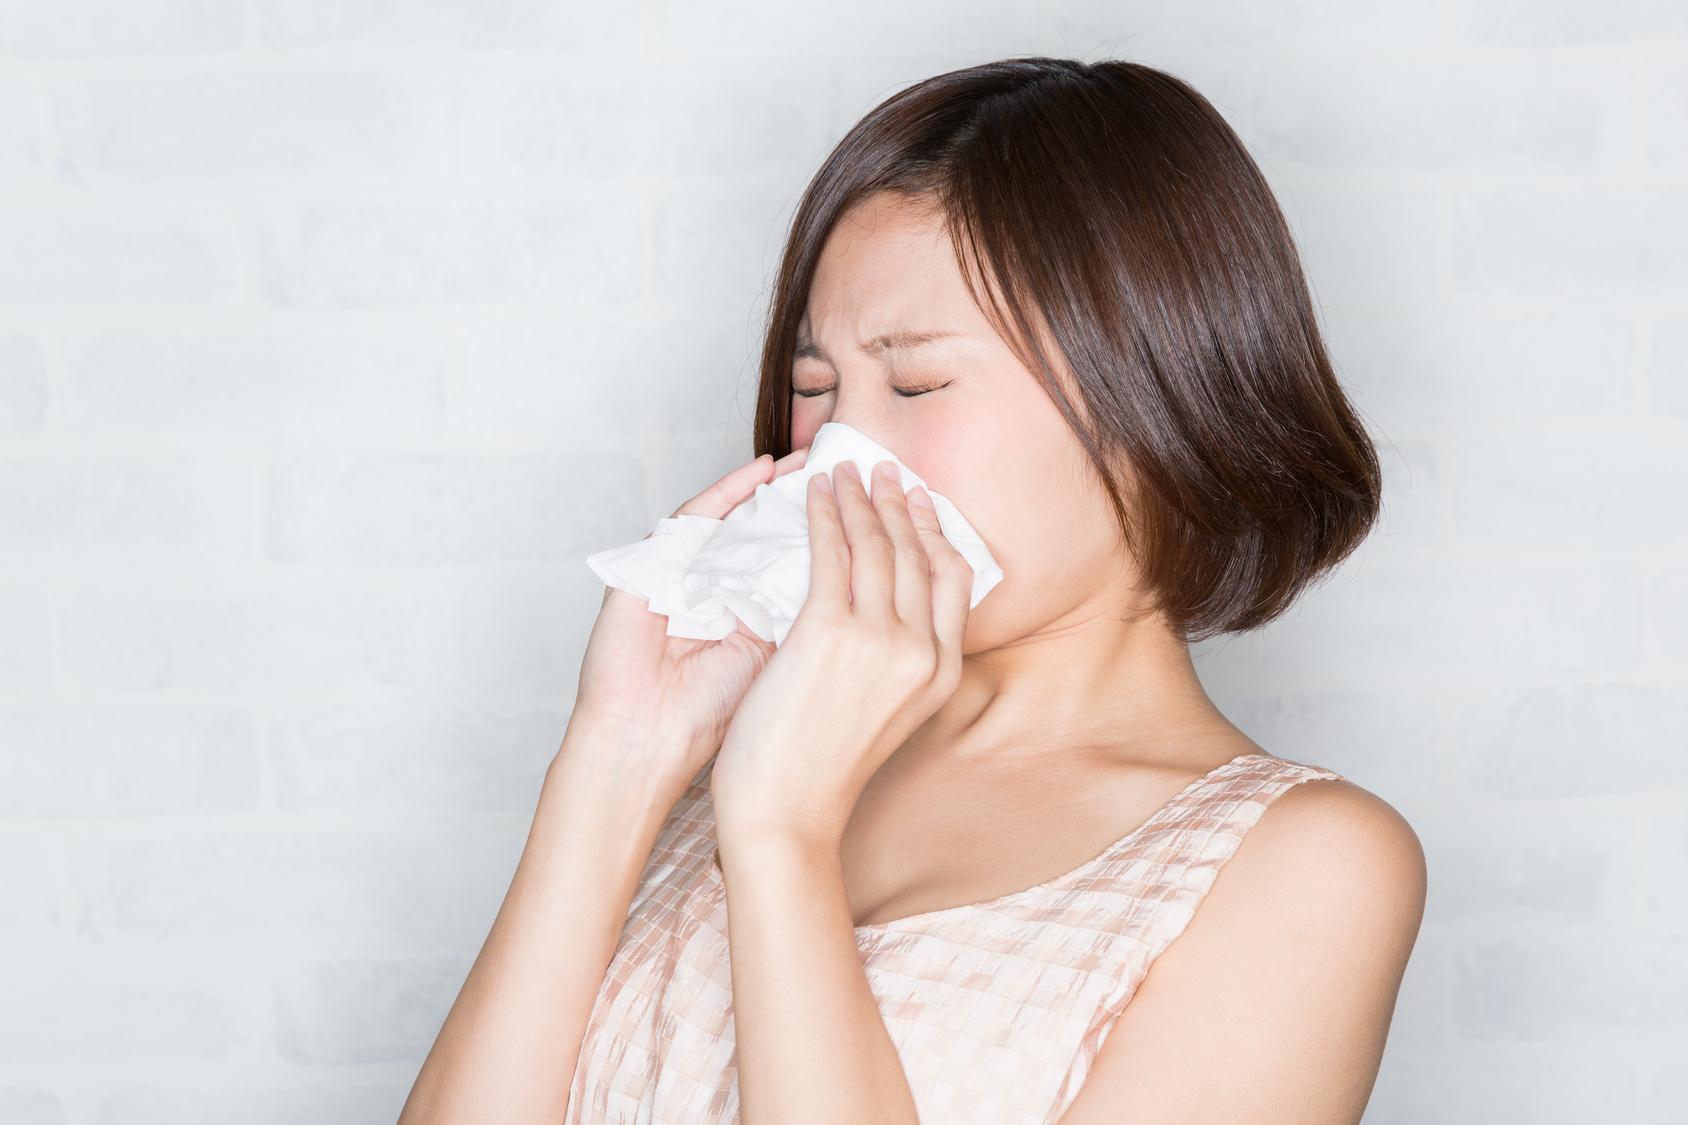 鼻水 止まらない 耳鼻咽喉科